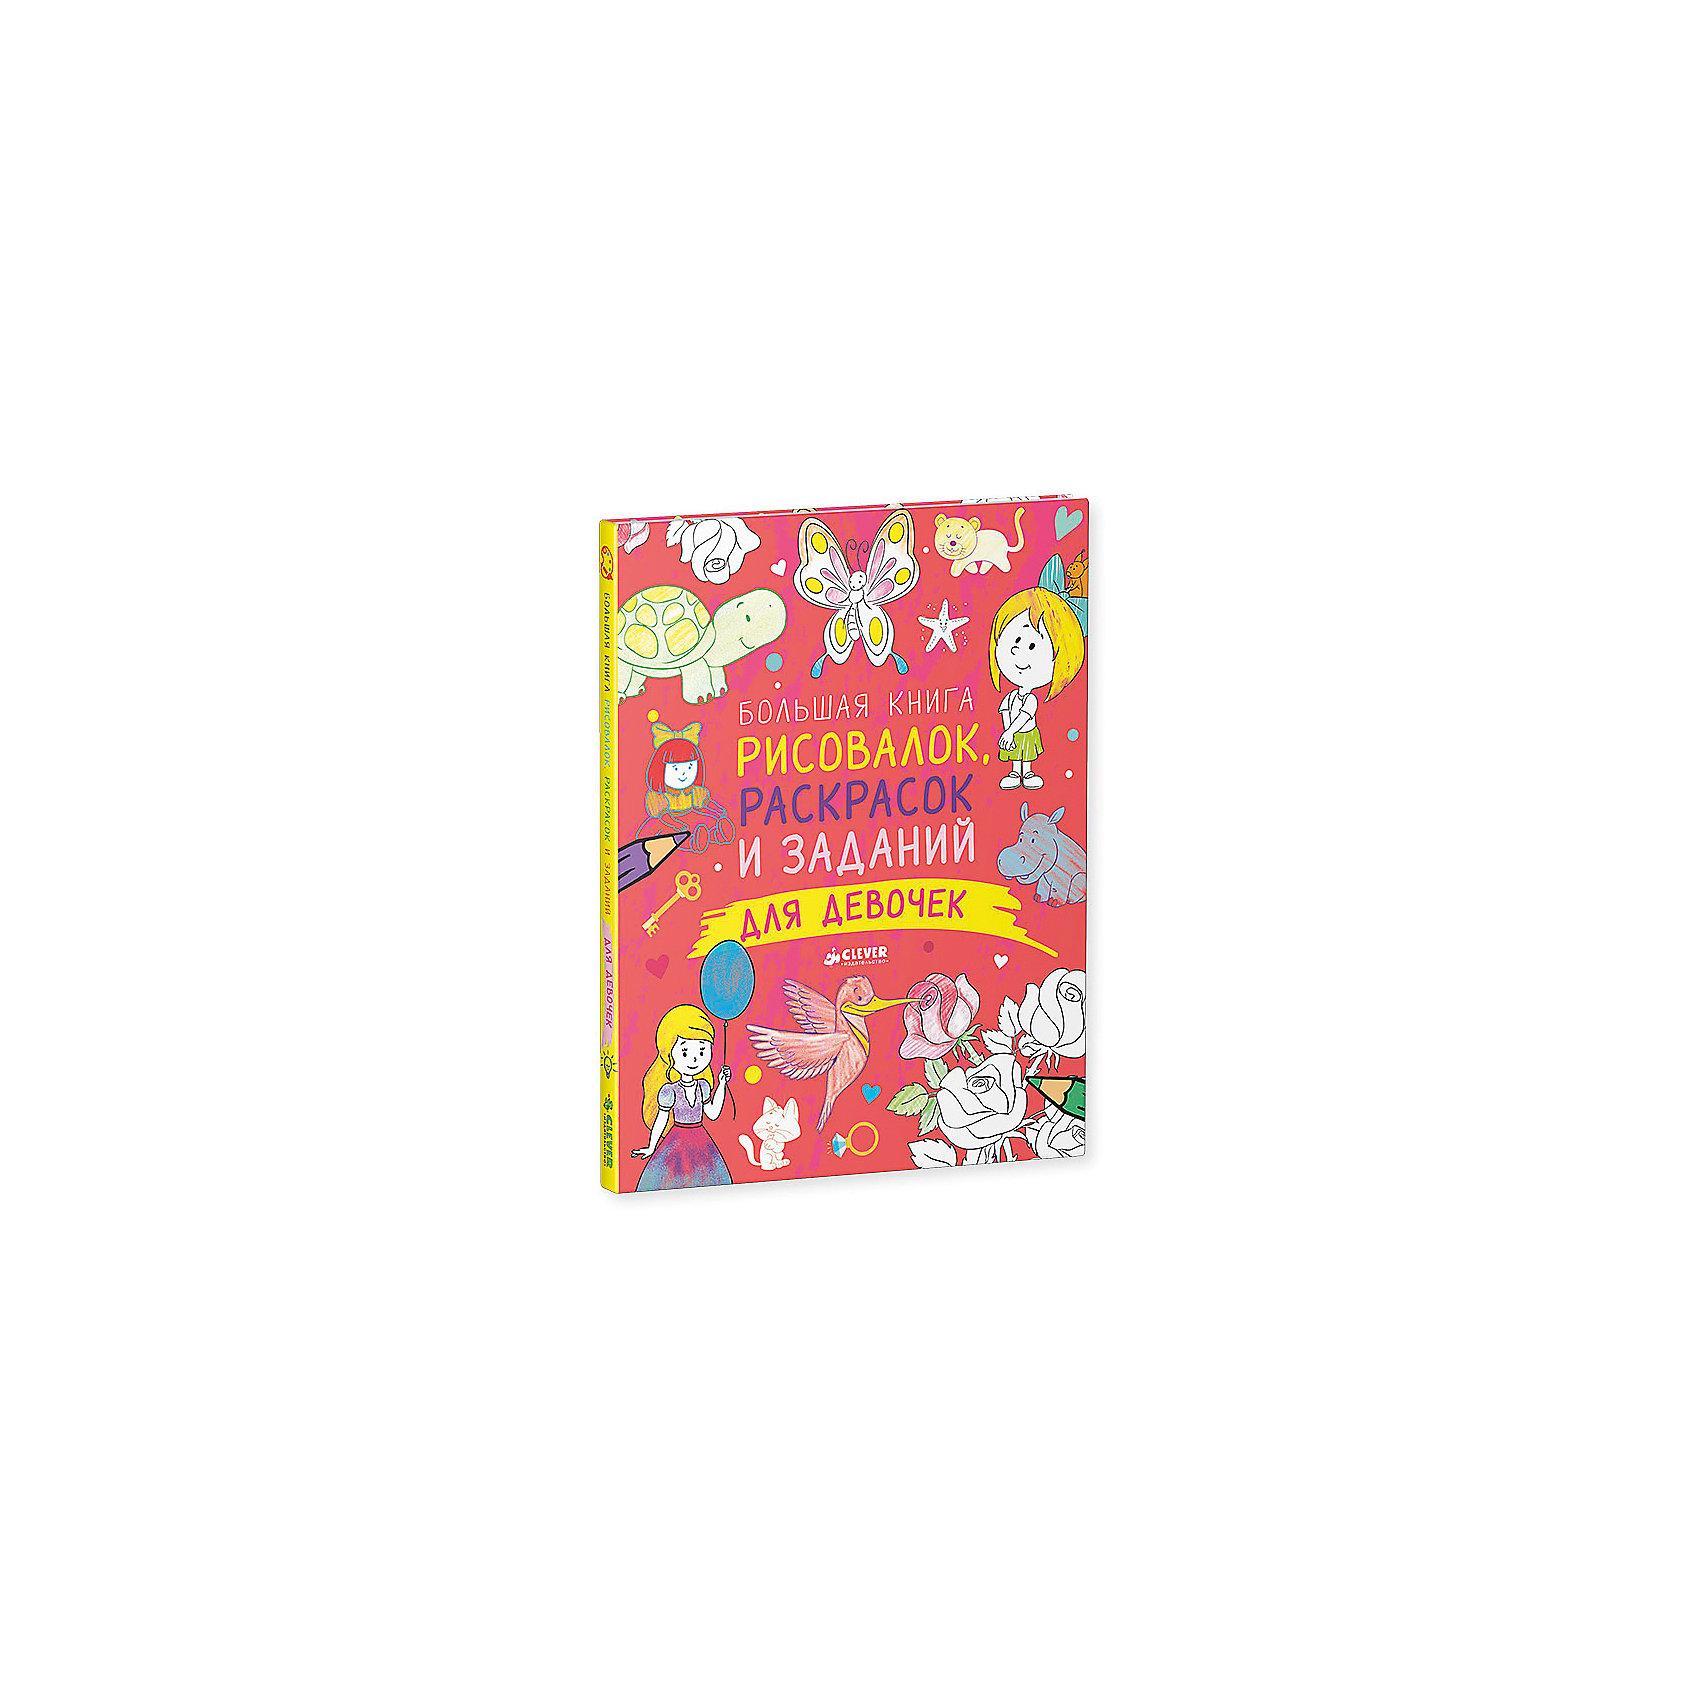 Большая книга рисовалок, раскрасок и заданий для девочекCLEVER (КЛЕВЕР)<br>Характеристики товара:<br><br>• материал: картон, бумага<br>• возраст: от трех лет<br>• страниц: 160<br>• формат: 18х24 см<br>• развивающая<br>• твердая обложка<br>• цветные иллюстрации<br>• страна производства: Российская Федерация<br><br>В этой книге собраны интересные и развивающие задания, которые дополнены красочными иллюстрациями. Такие задания помогут родителям развлечь малыша и одновременно помочь ему развиваться. <br>Изделие очень качественно выполнено, обложка - красивая. Формат - удобный. Такая книжка станет отличным подарком для ответственных родителей. Подобные задания помогают детям научиться логически мыслить, обобщать, а также развивают память, фантазию и внимание. Подходит для детей от трех лет.<br><br>Издание Большая книга рисовалок, раскрасок и заданий для девочек можно купить в нашем интернет-магазине.<br><br>Ширина мм: 240<br>Глубина мм: 185<br>Высота мм: 8<br>Вес г: 250<br>Возраст от месяцев: 84<br>Возраст до месяцев: 132<br>Пол: Женский<br>Возраст: Детский<br>SKU: 5279329